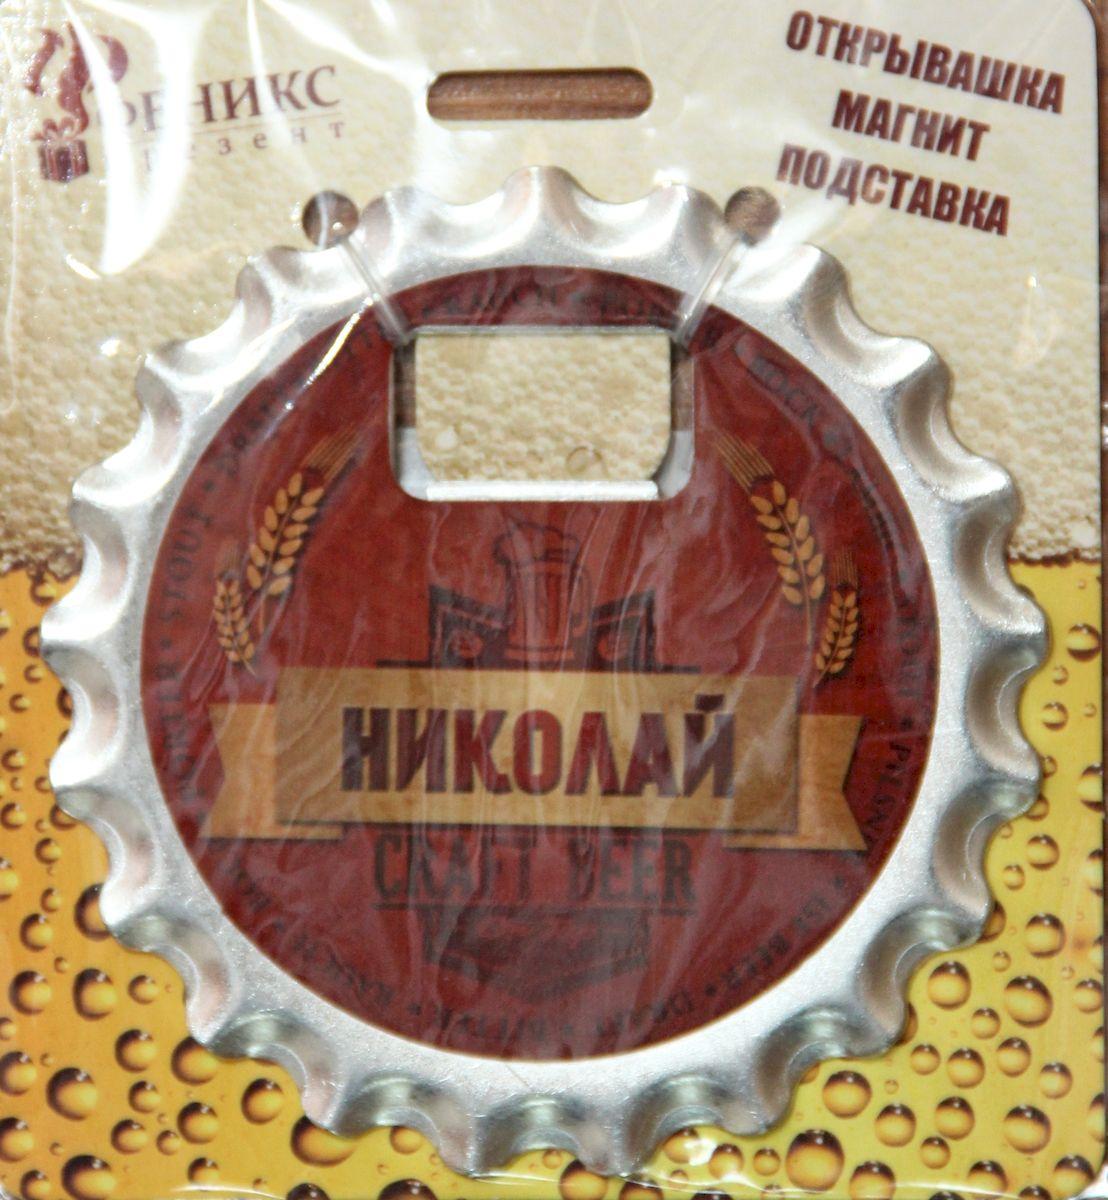 Ключ для открывания бутылок Magic Home Николай, с магнитом54 009305Ключ для открывания бутылок - это полезный и нужный прибор в каждом доме. Он представляет собой подставку под пивной стакан с отверстием для удобного снятия металлических пробок с бутылок. Лицевая сторона украшена оригинальным изображением, а на оборотной стороне закреплены магнит и три пробковые вставки для защиты поверхности стола от повреждений. Изделие выполнено из оцинкованного металла.